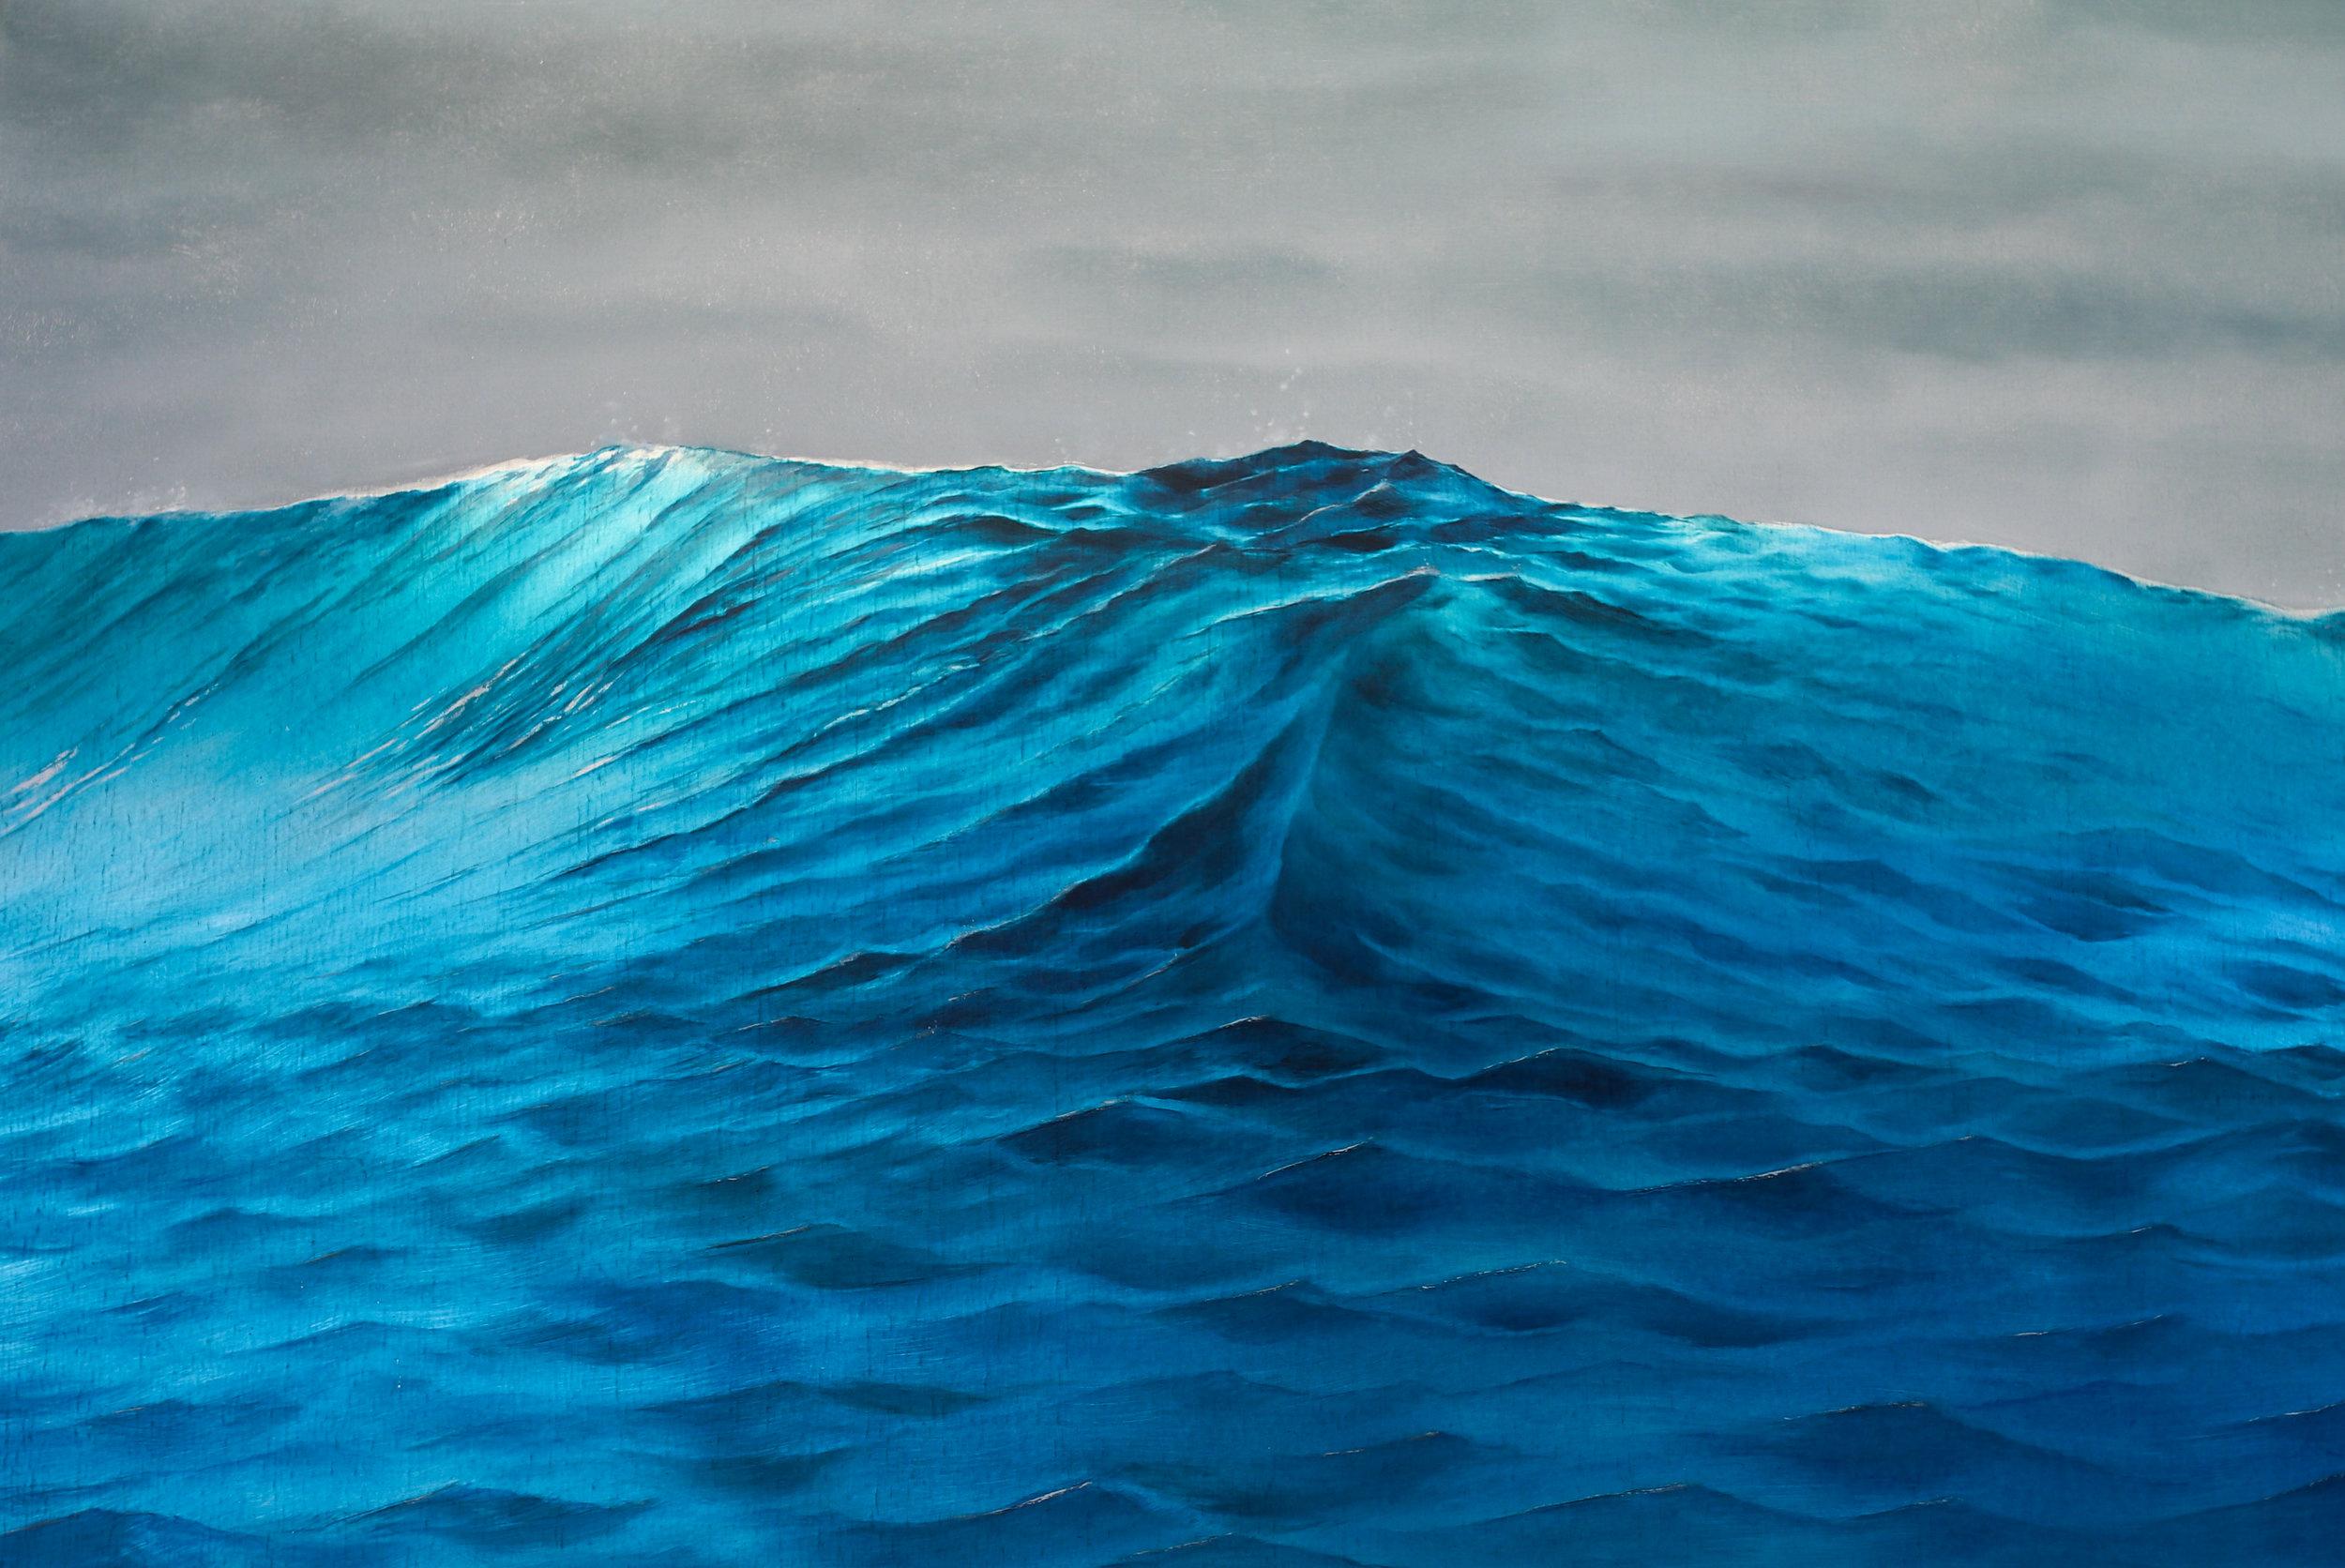 484 Gallery To Youdbulis Art 015.jpg